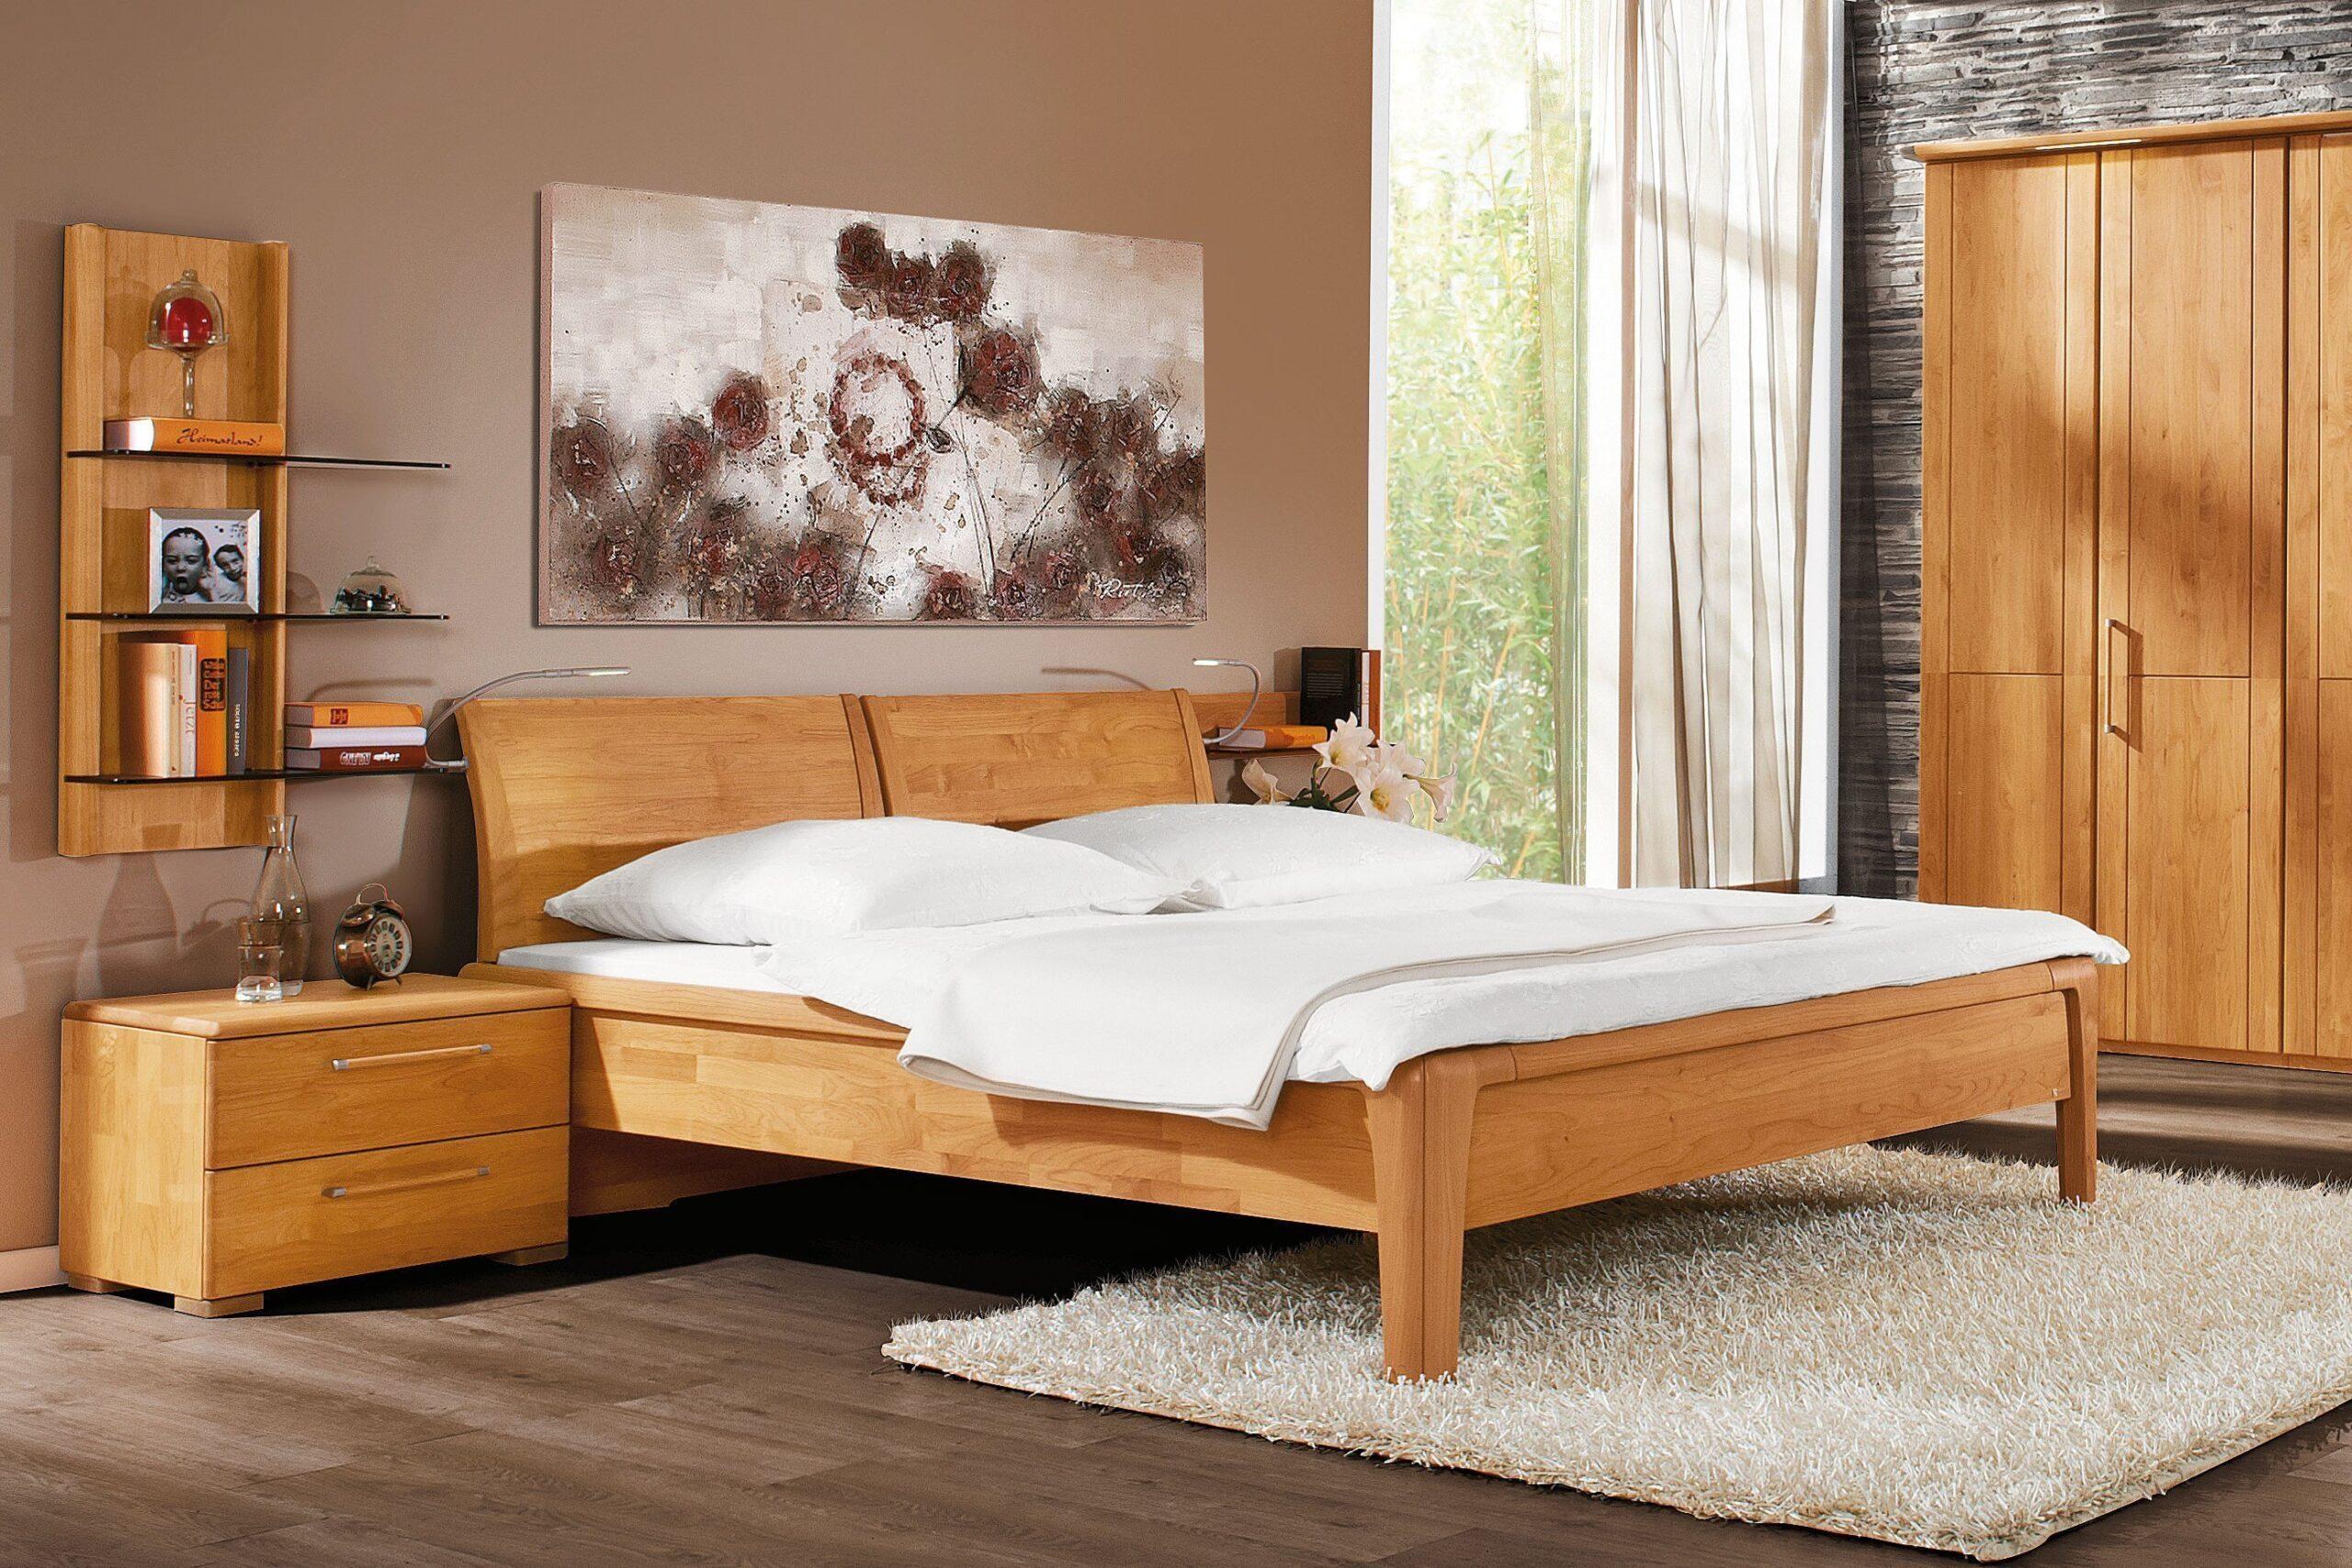 Full Size of Loddenkemper Navaro Cortina Plus 140er Bett Erle Mbel Letz Ihr Schlafzimmer Wohnzimmer Loddenkemper Navaro